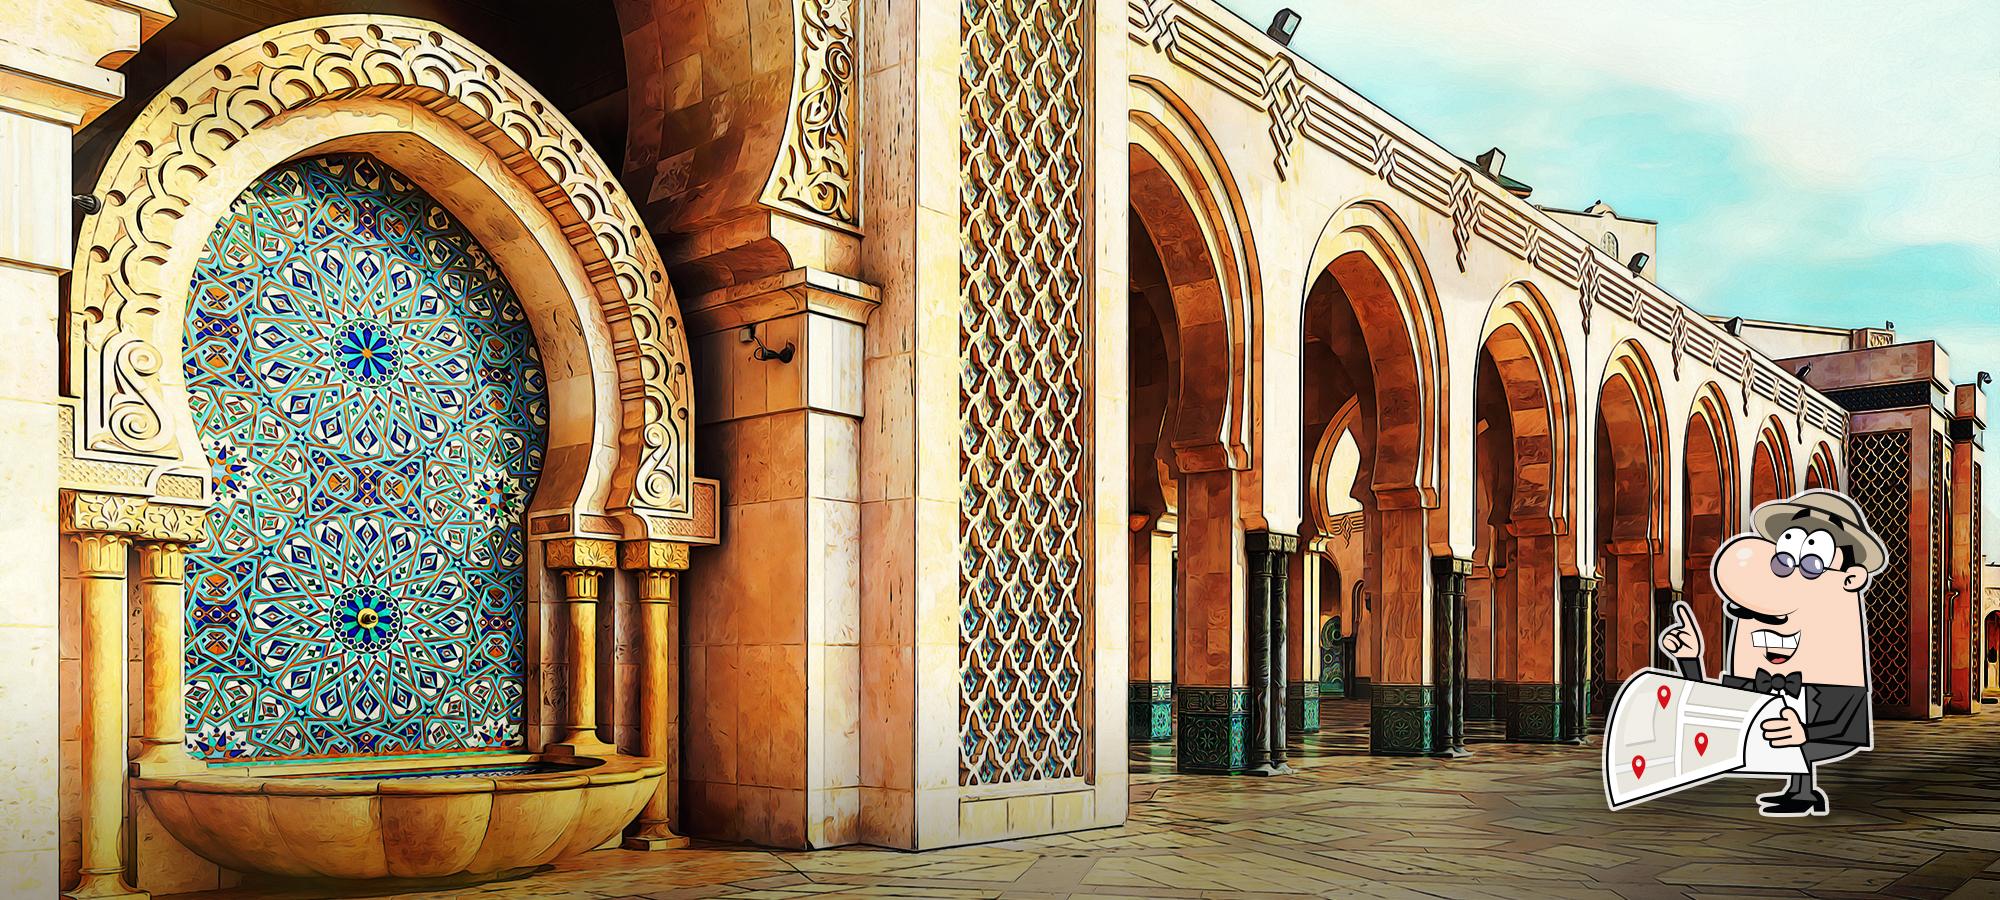 Les 10 plats incontournables de Casablanca, au Maroc